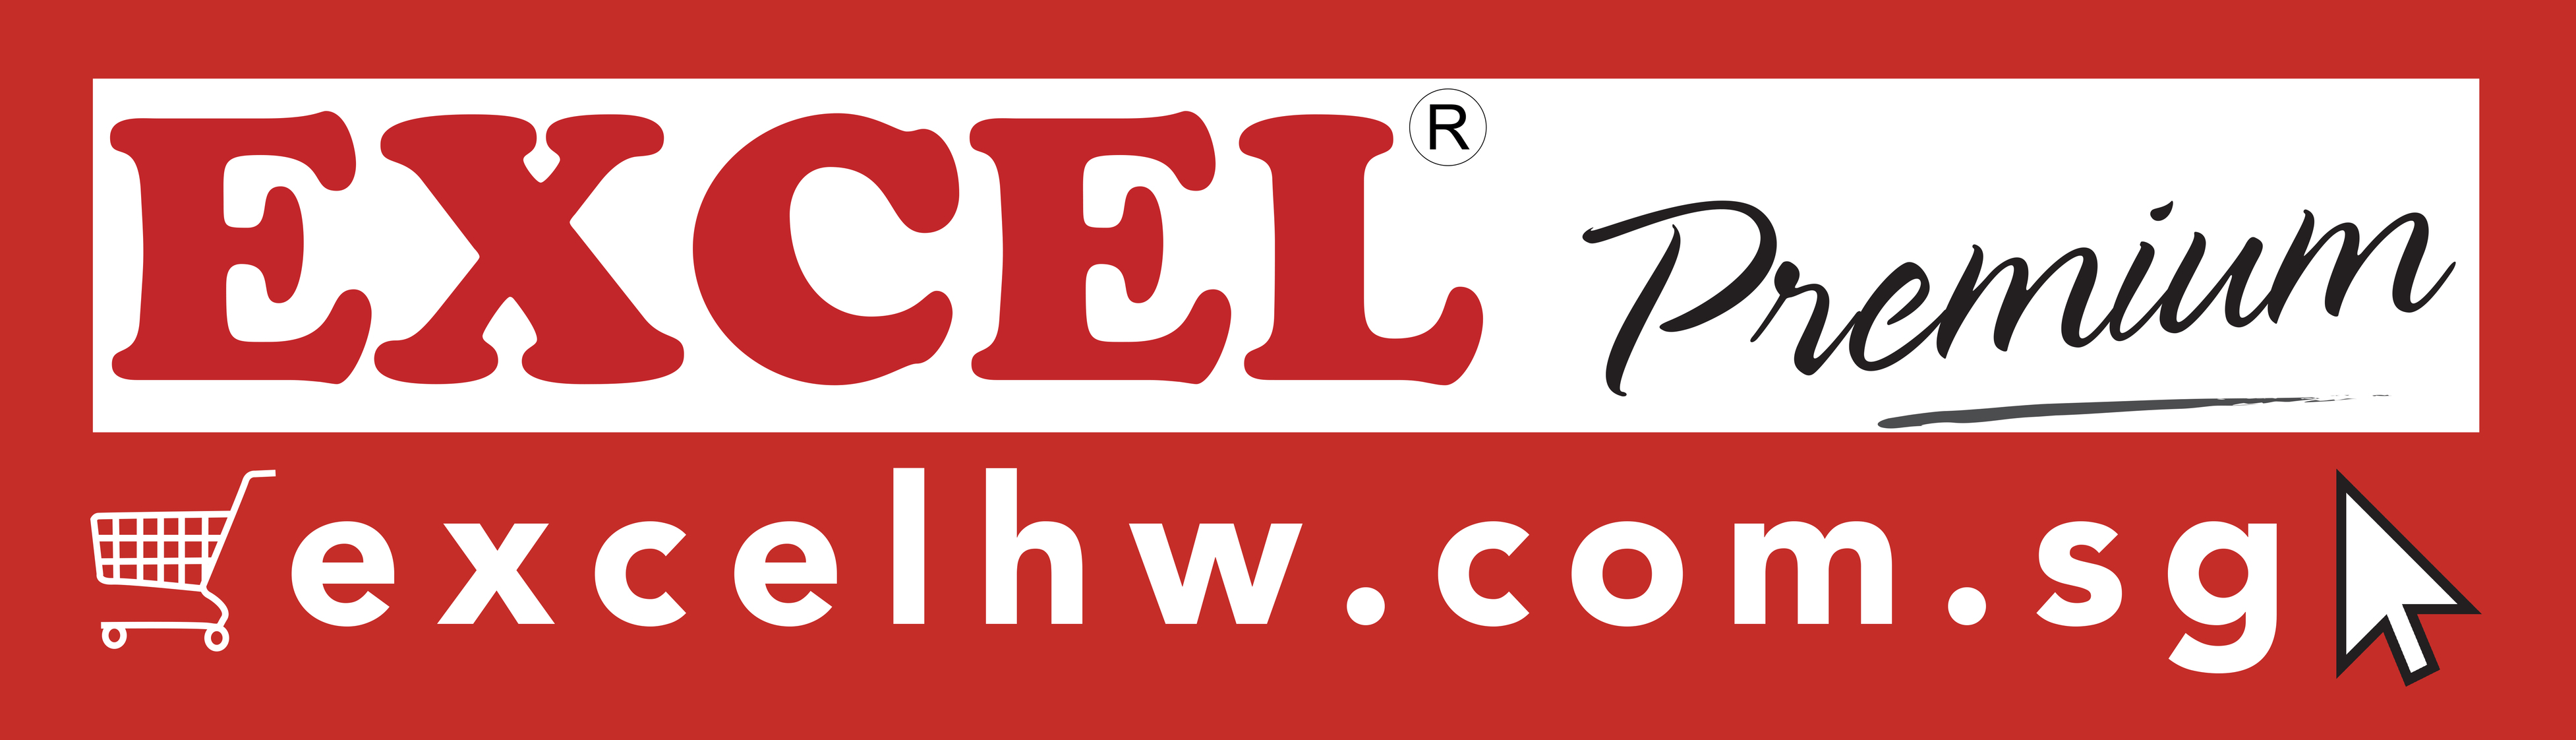 Excel Hardware Pte Ltd